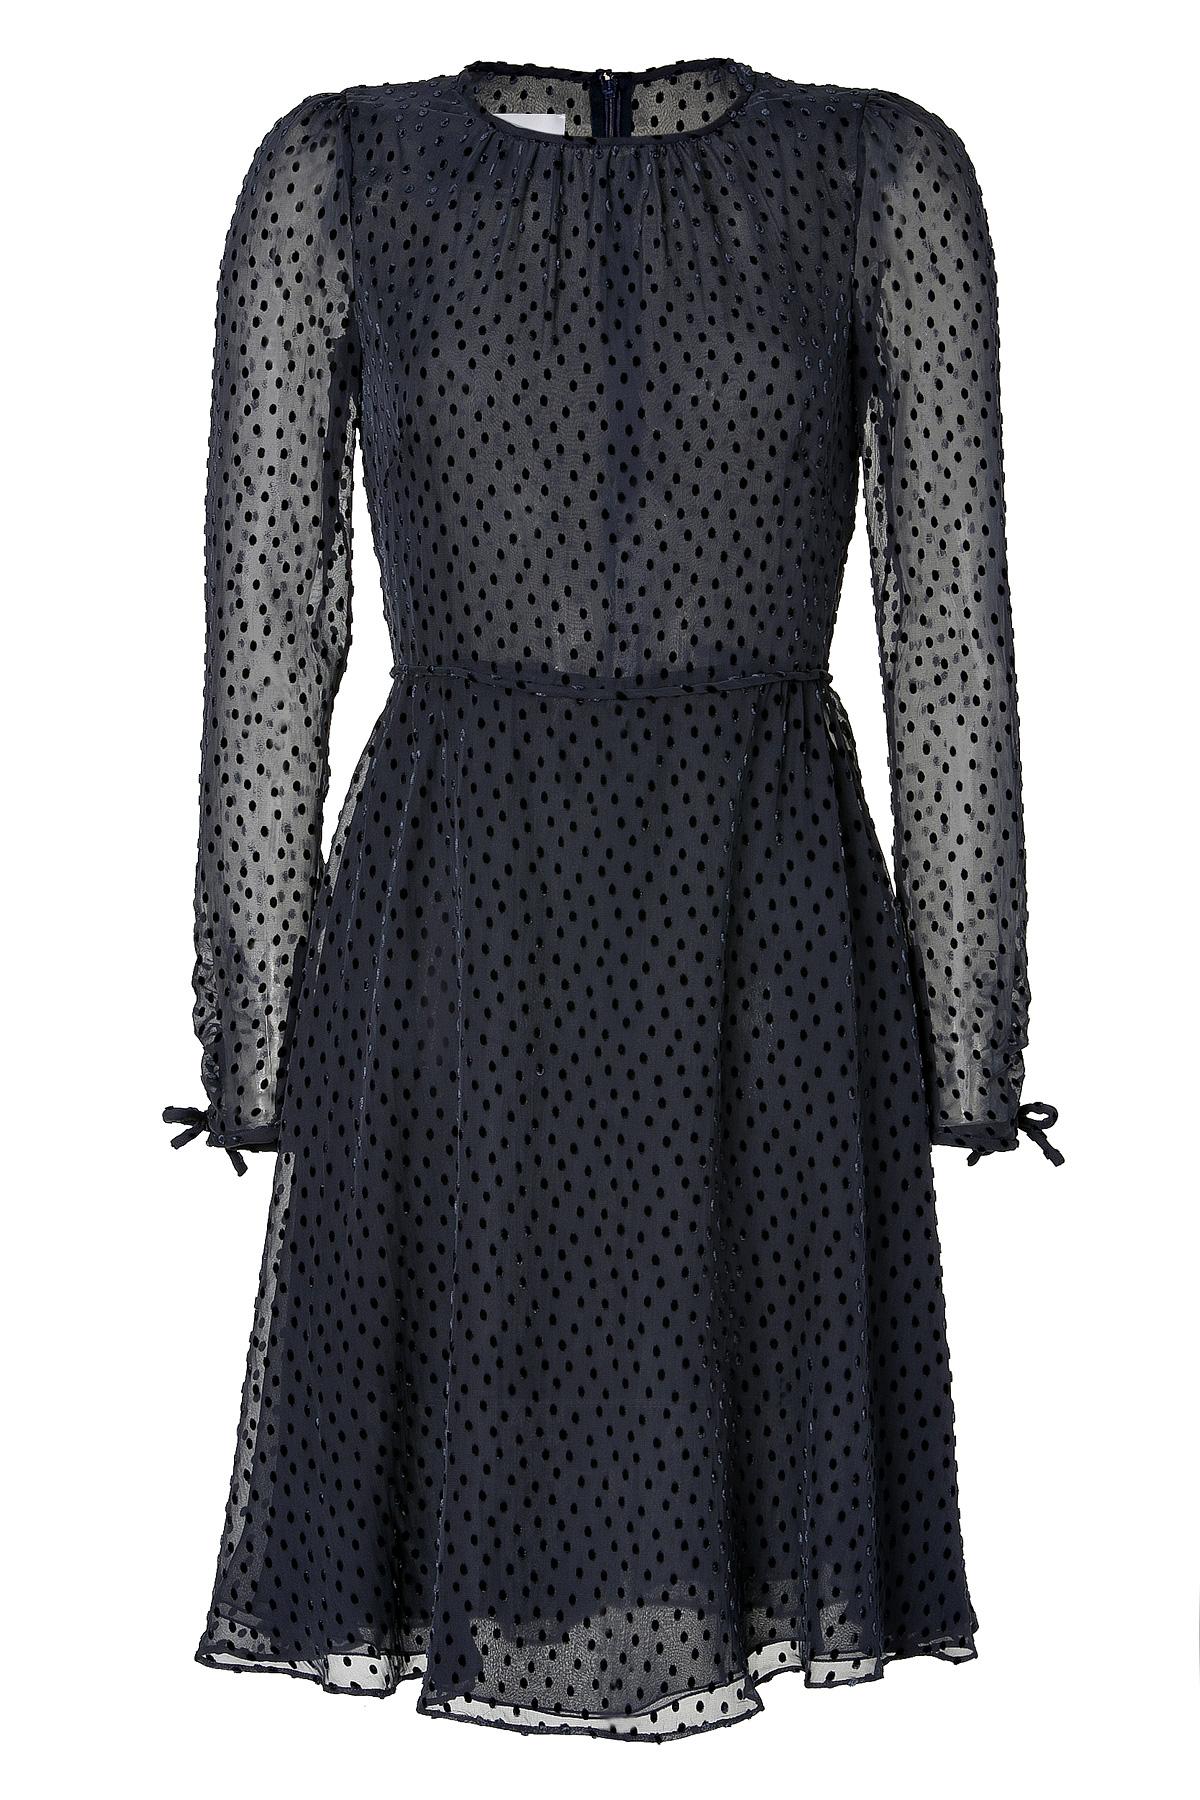 Valentino Black Polka Dot Sheer Dress In Black Lyst